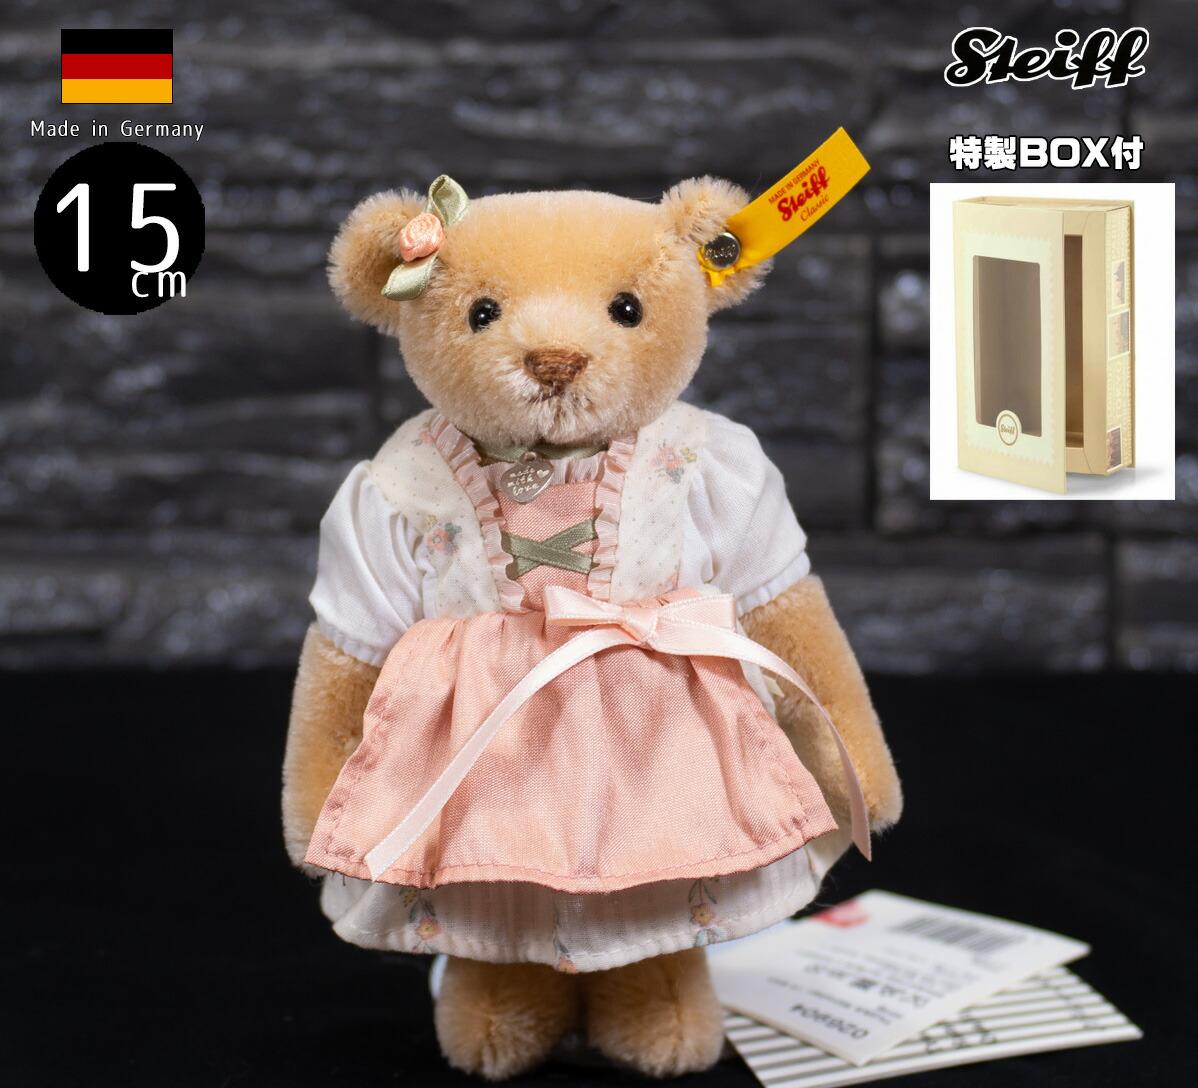 シュタイフ(steiff)ミュンヘン テディベア Munich Teddy bear in gift box 15 cm ぬいぐるみ ギフト プレゼント クリスマス